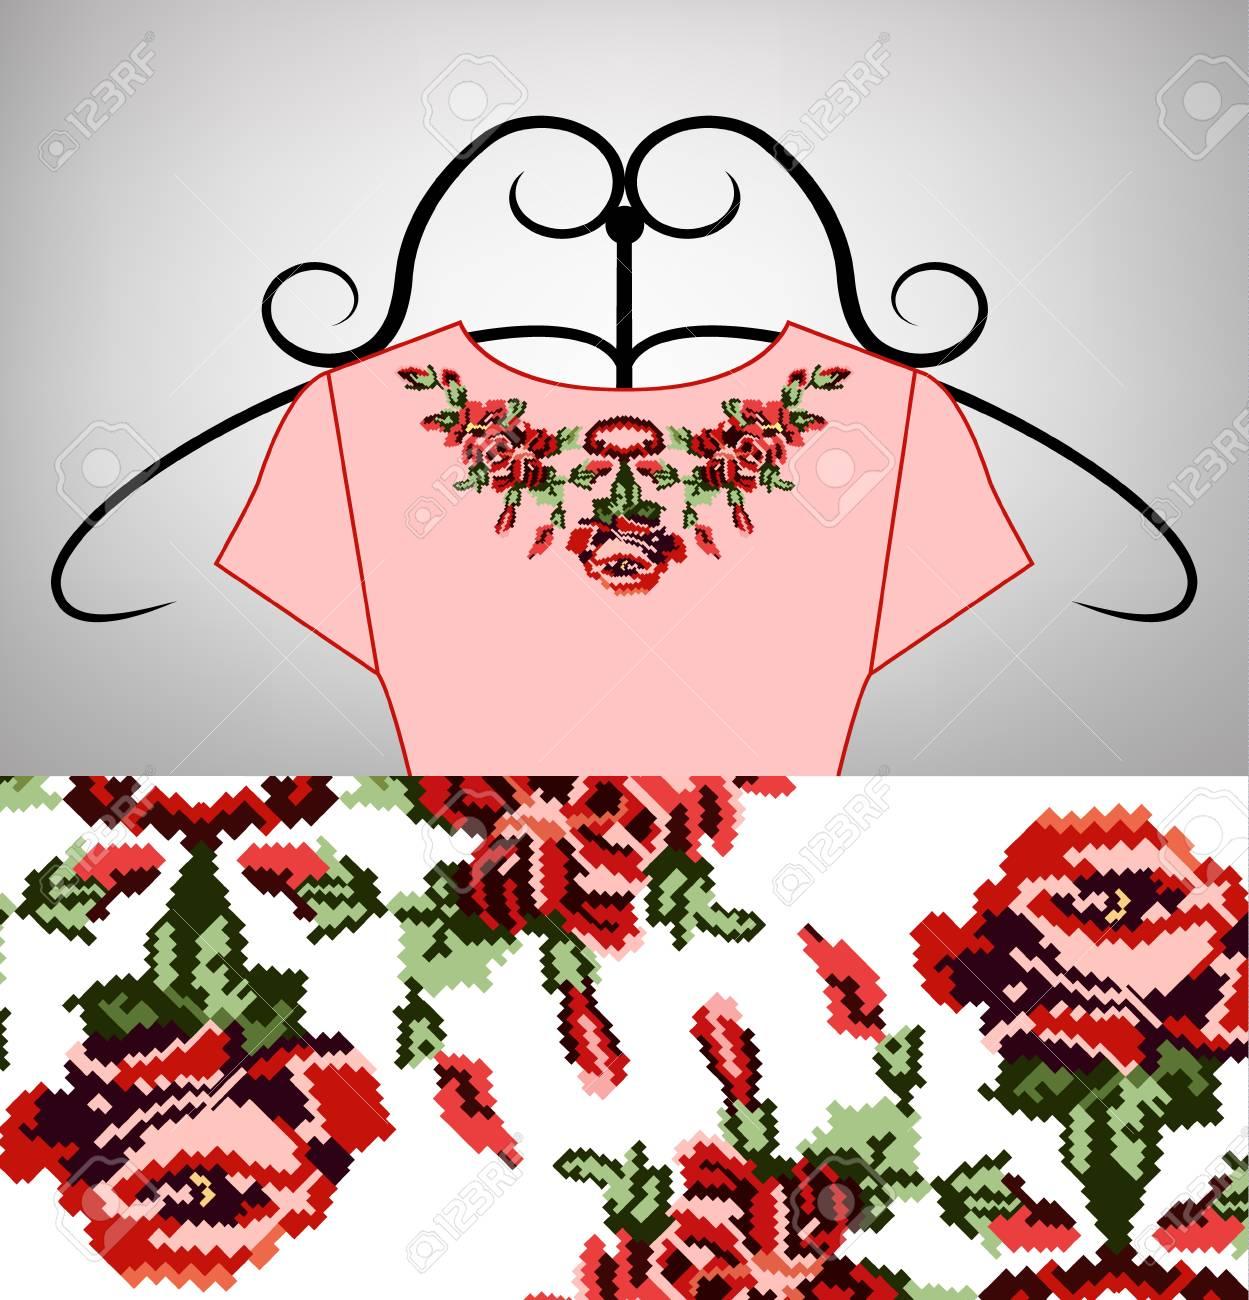 Robe Rose Féminine Sur Cintre Collier Bouquet De Fleurs De Fleurs Sauvages Lilia Roses Broderie Pixel Art Tons Rouges Roses Et Verts